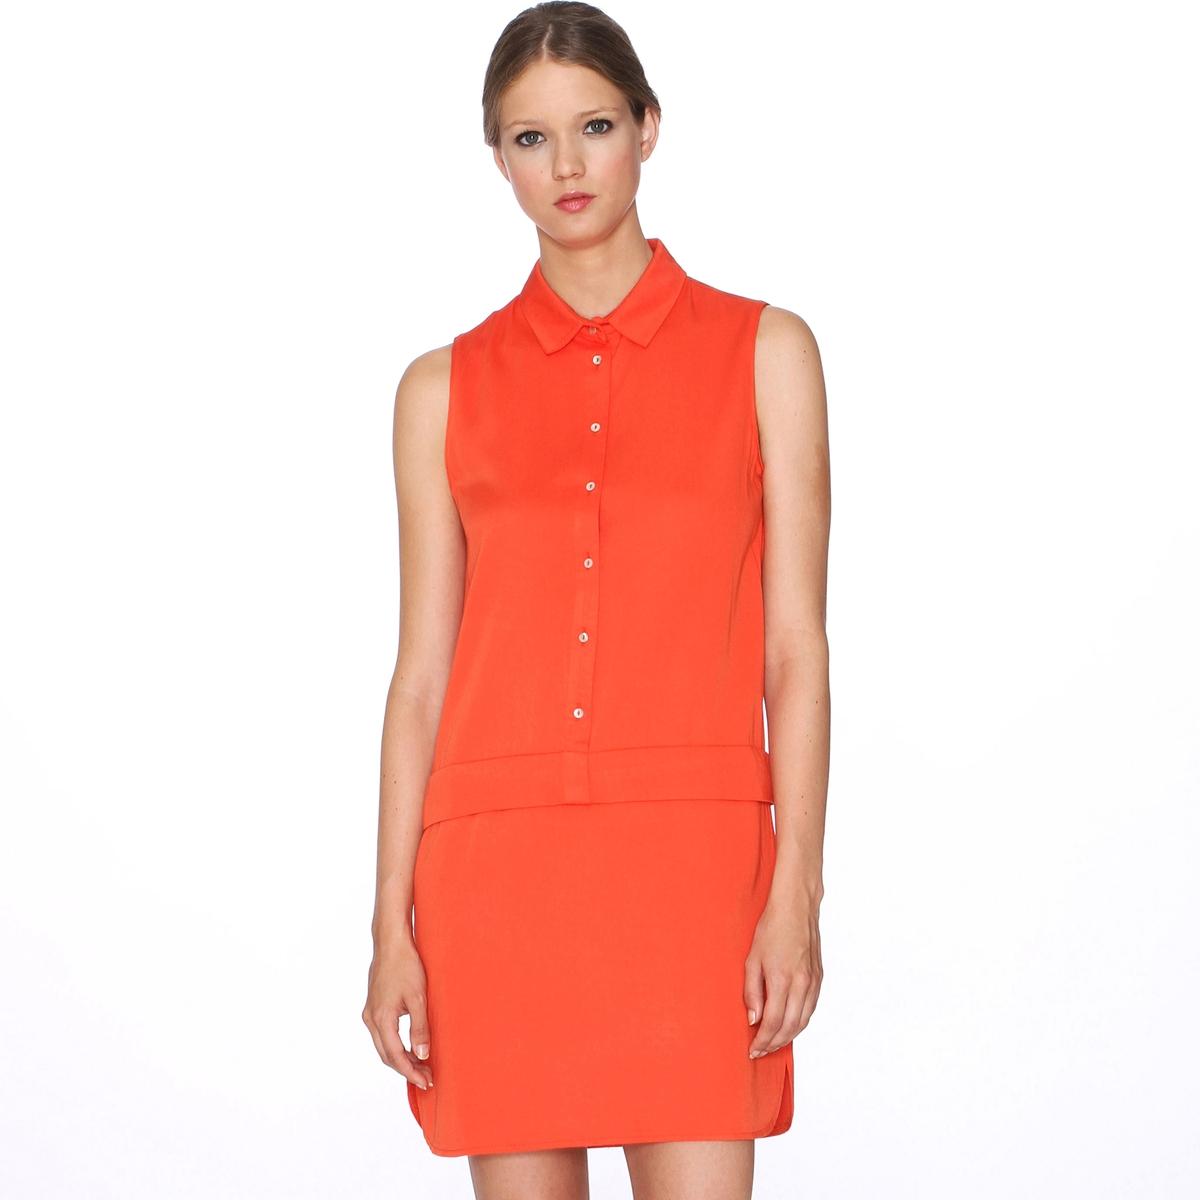 Платье без рукавов PEPALOVES, Dress AmaiaСостав и описание :Материал : 100% вискозыМарка : PEPALOVES<br><br>Цвет: красный<br>Размер: L